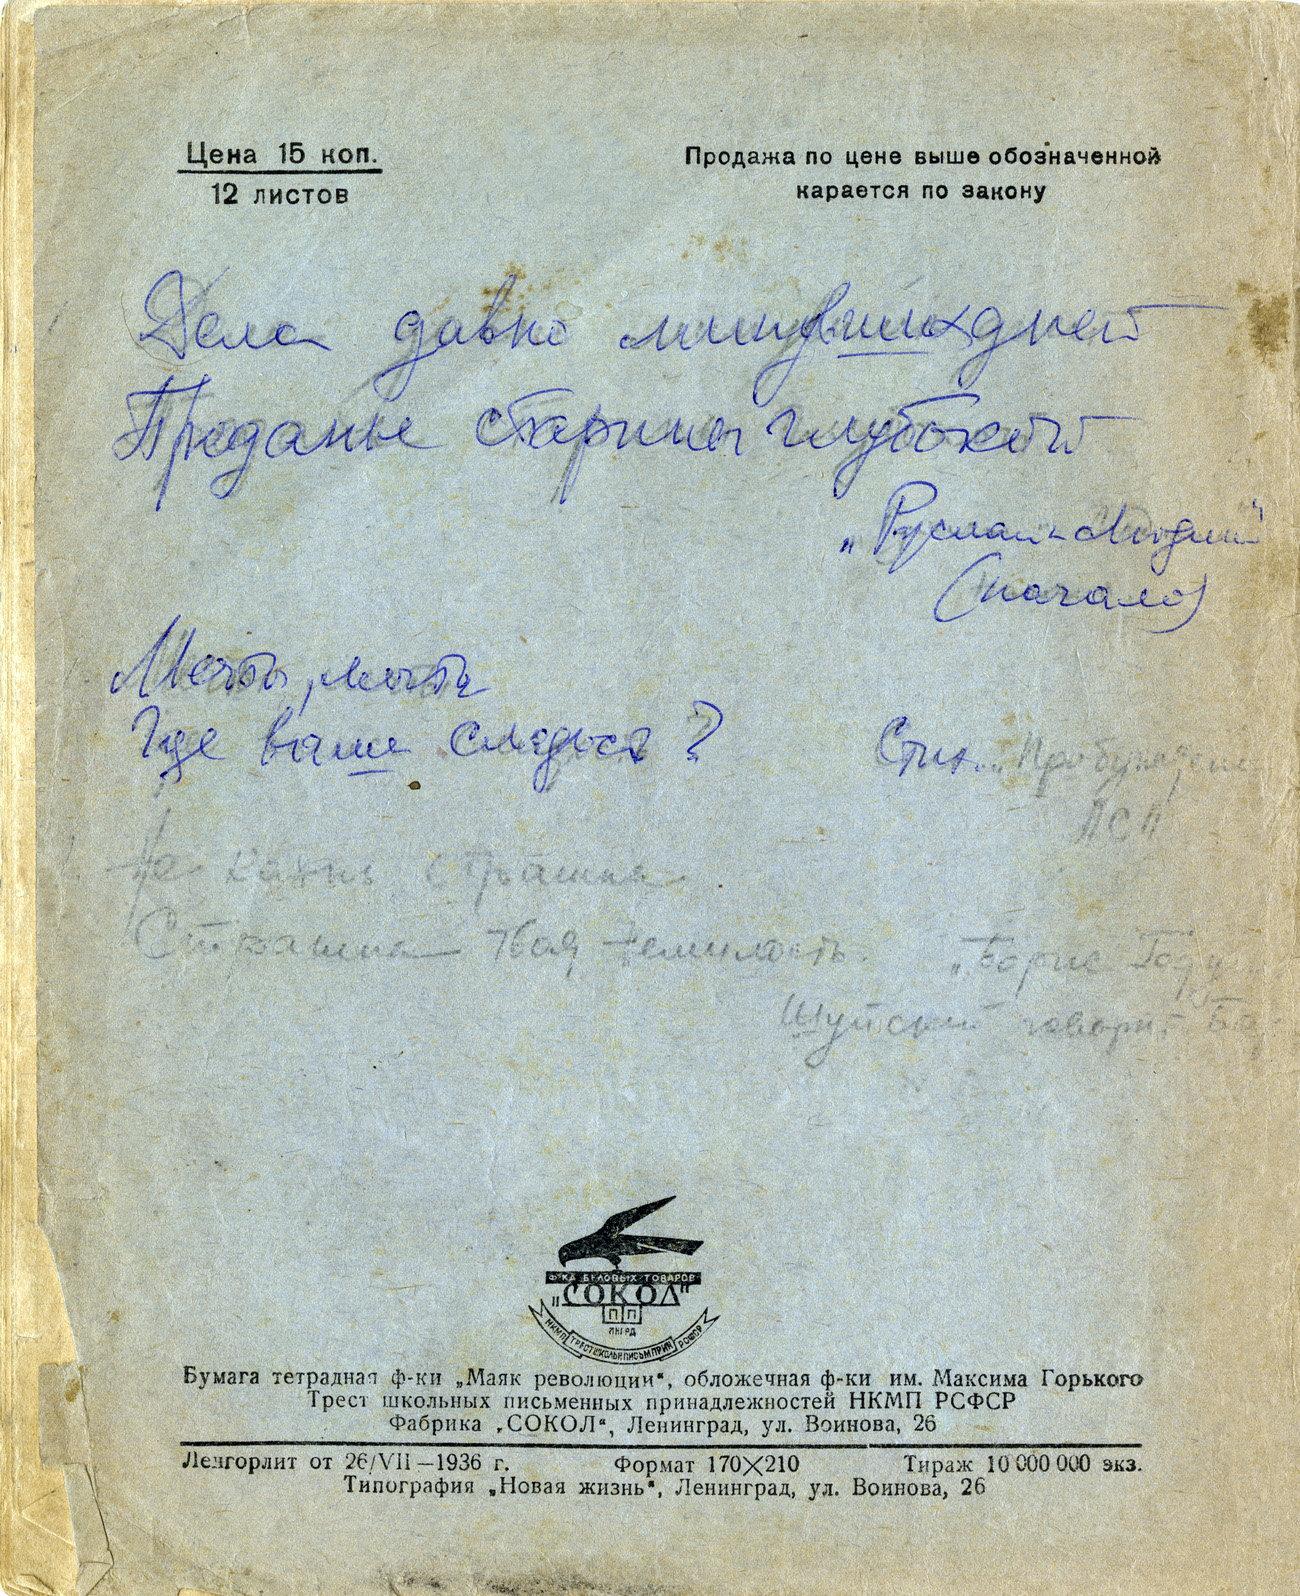 Ворошилов, 1936, оборот